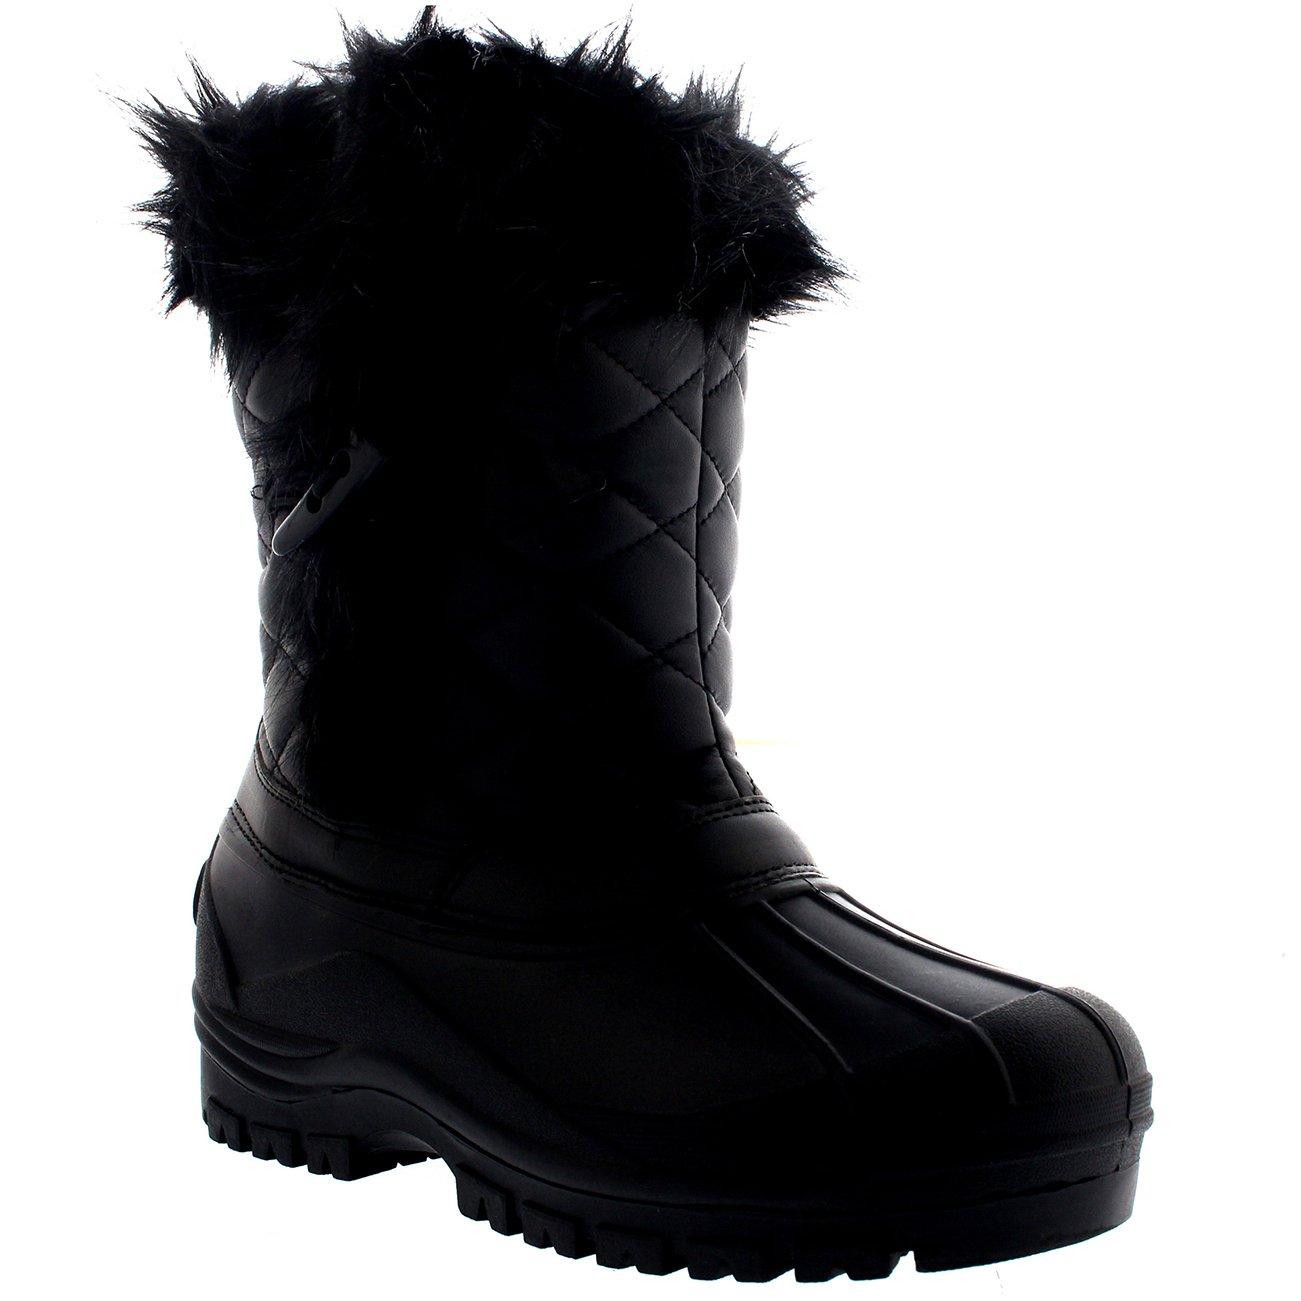 Polar Mujer Toggle Pato Invierno Térmico Suela De Goma Nieve Impermeable Mitad De La Pantorrilla Botas - Negro Cuero - UK5/EU38 - YC0399: Amazon.es: Zapatos ...